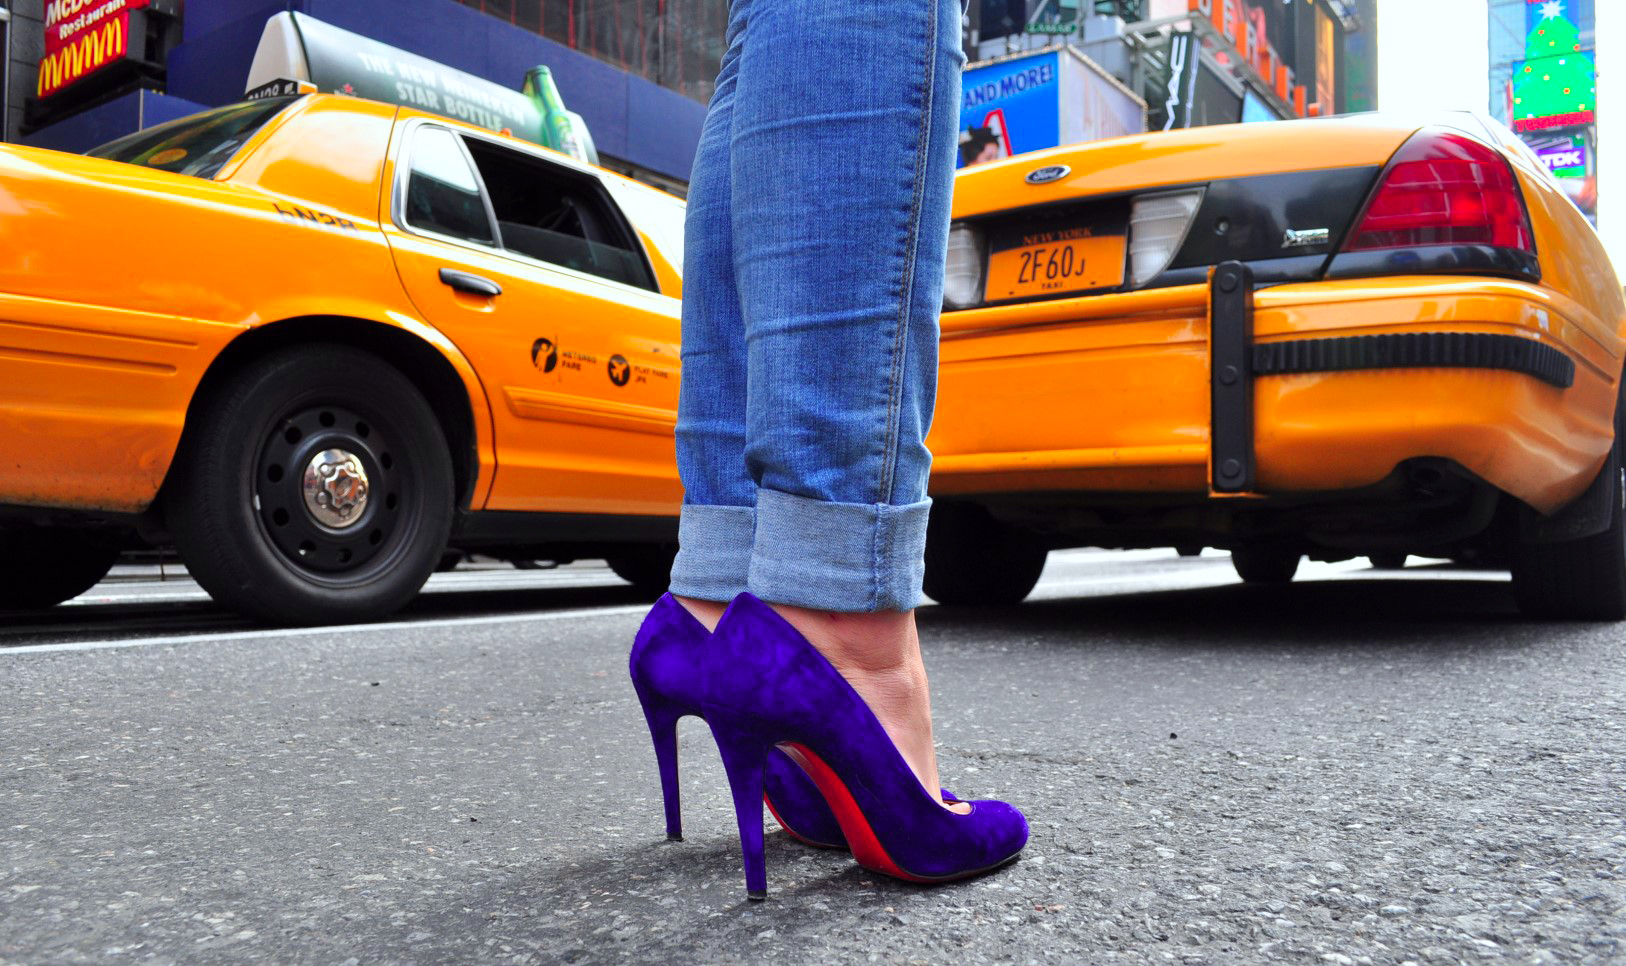 Qué hacer y ver en Nueva York qué hacer y ver en nueva york - 31028400071 c4ee17af5e o - Qué hacer y ver en Nueva York